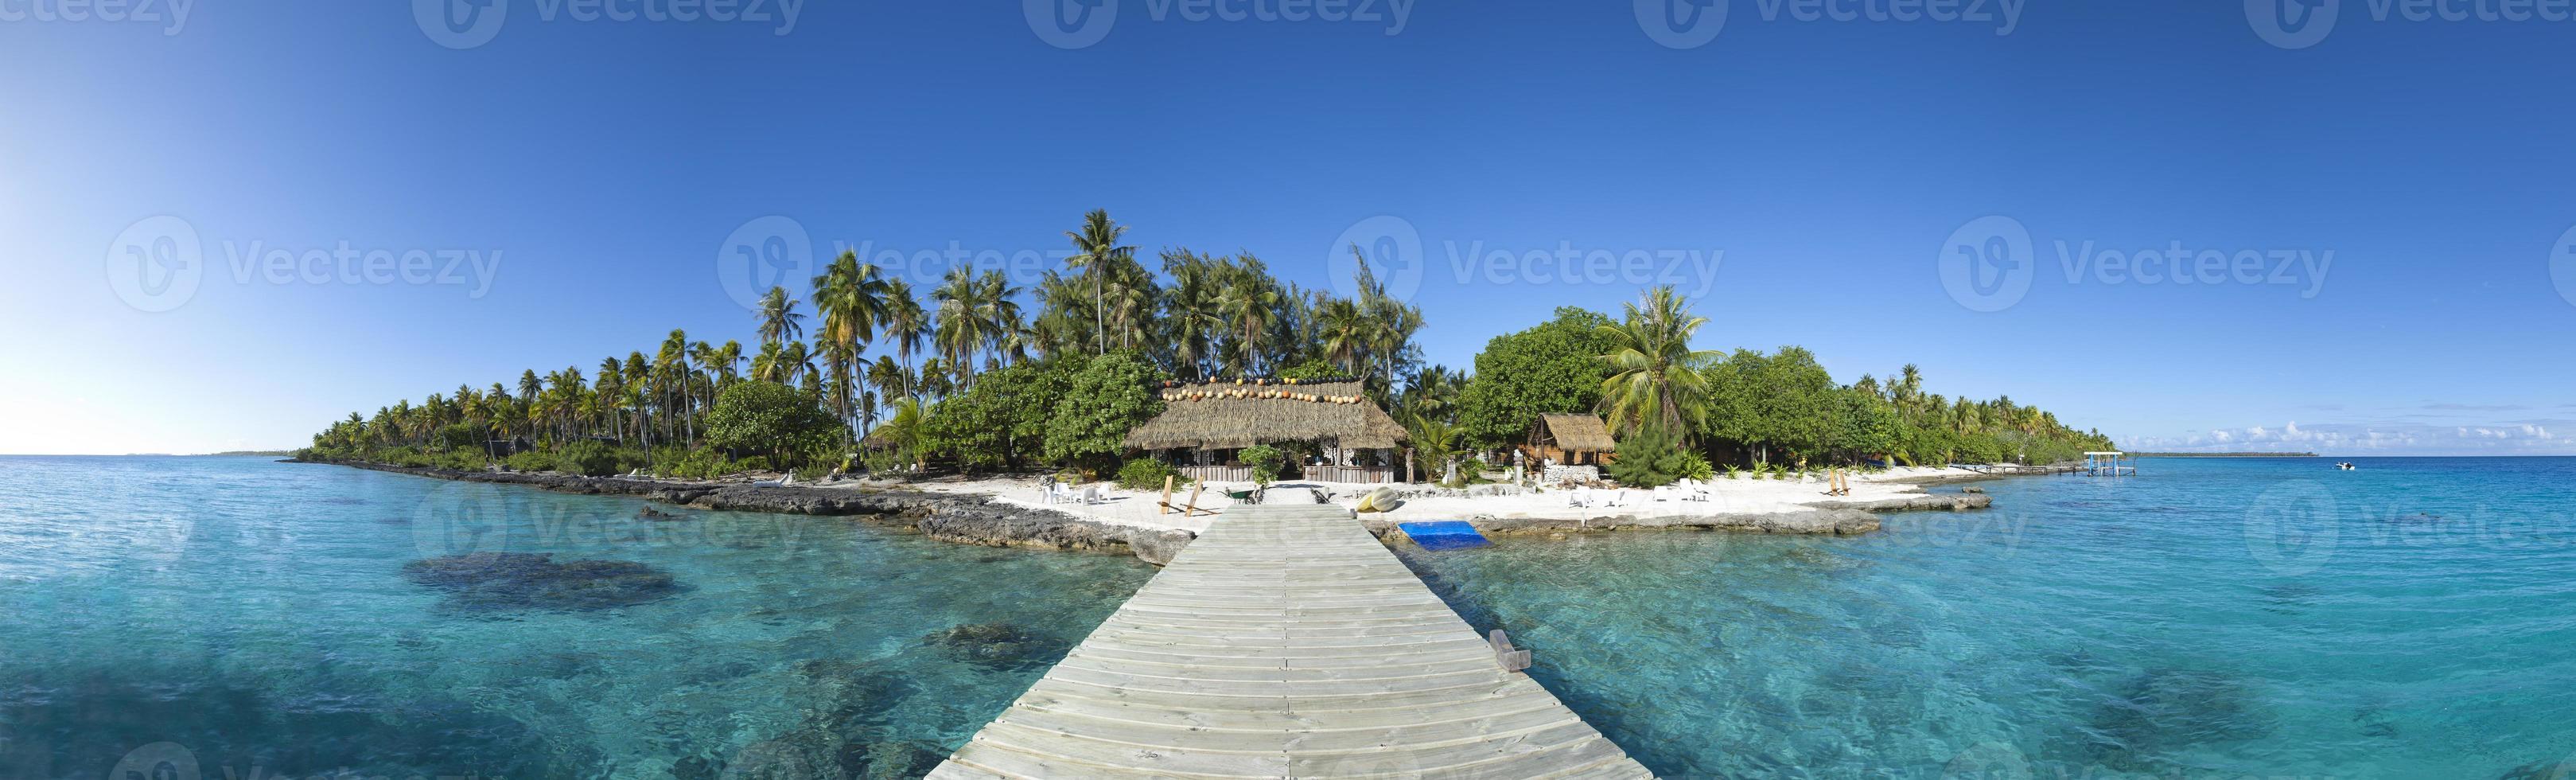 Paradiesinsel Panoramablick foto